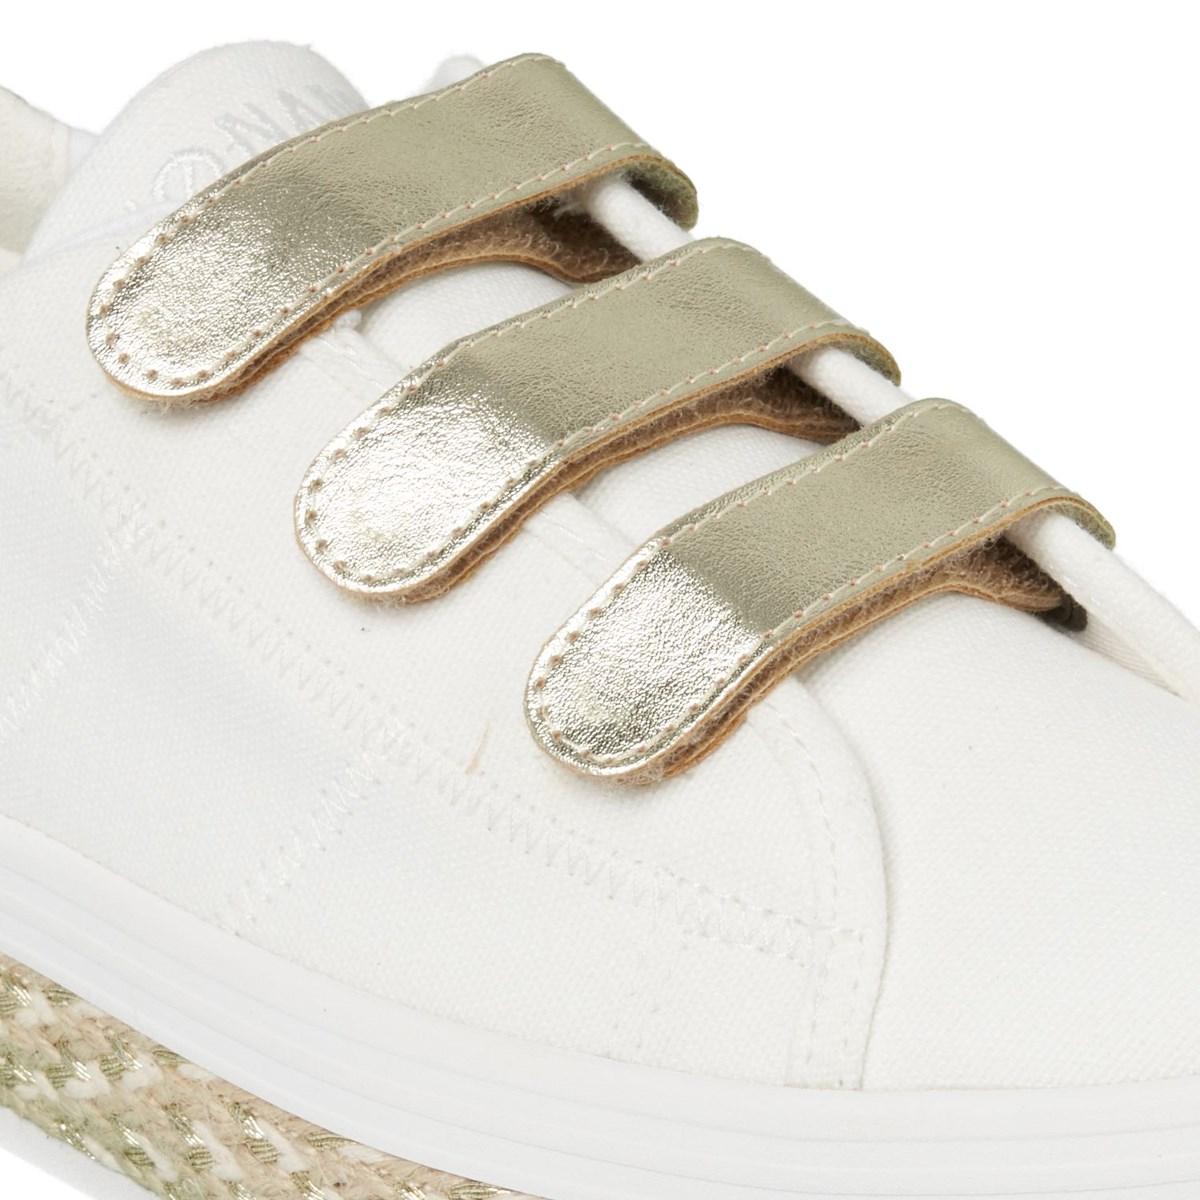 [新入荷]MALIBU-11228-WHITE マリブ ホワイト